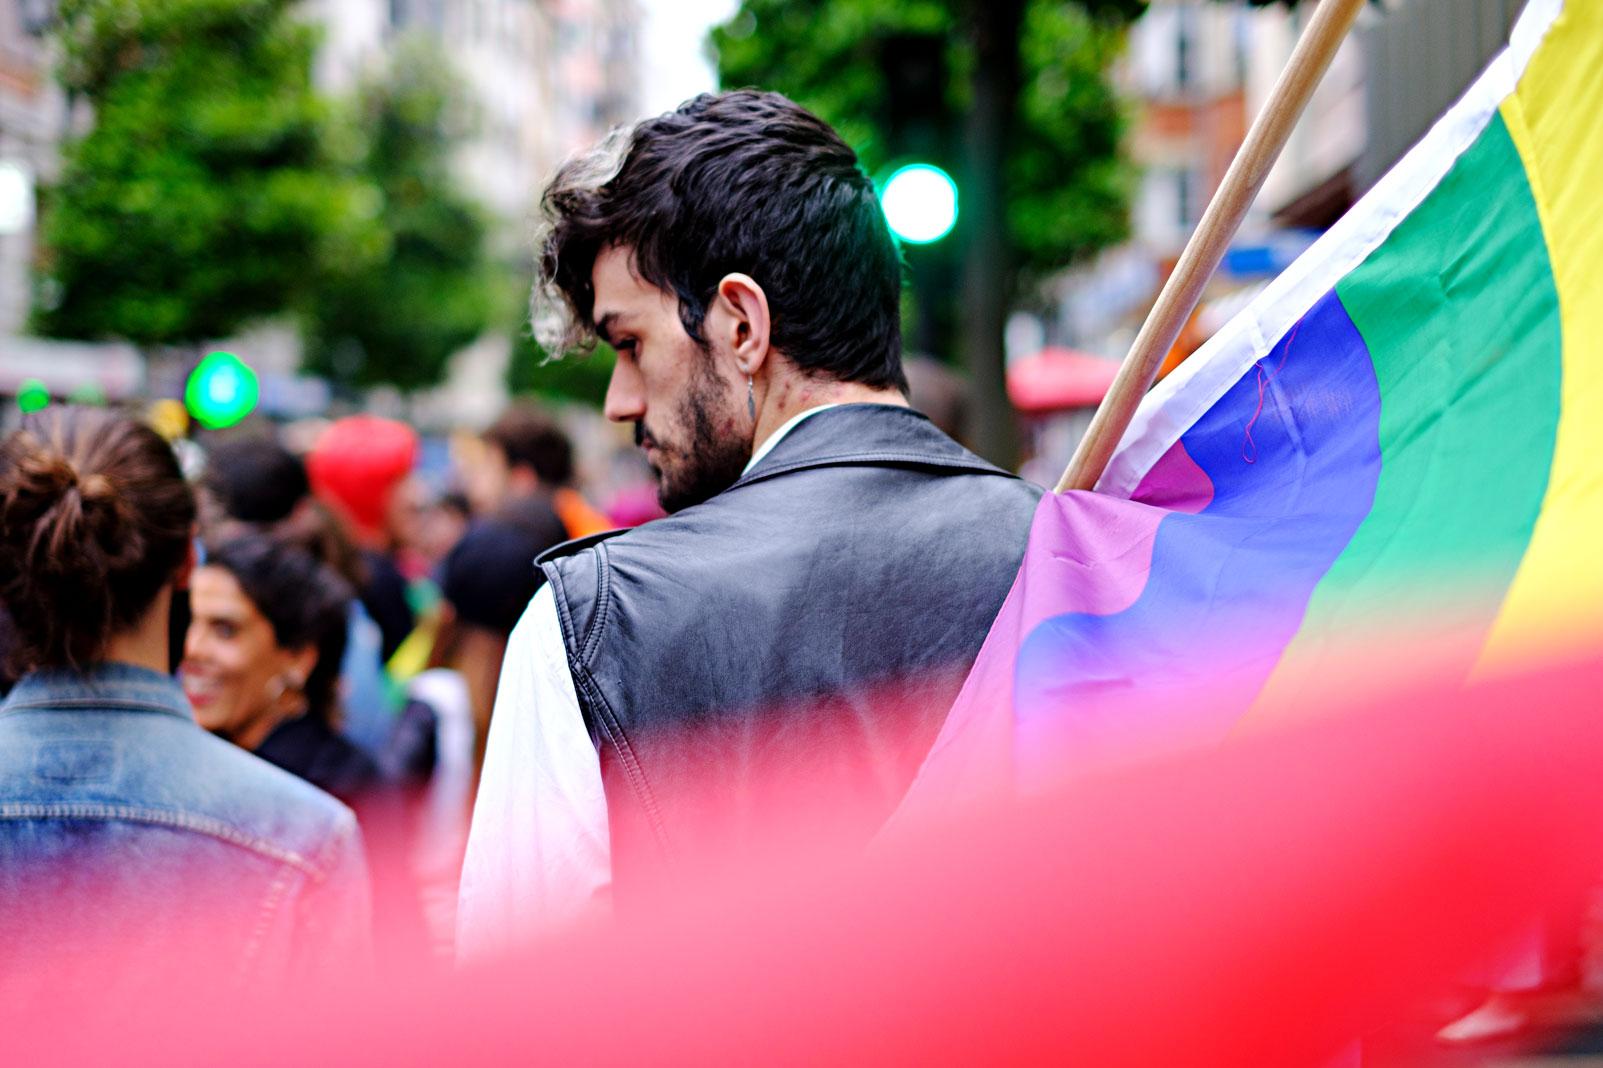 Gay Pride demostration